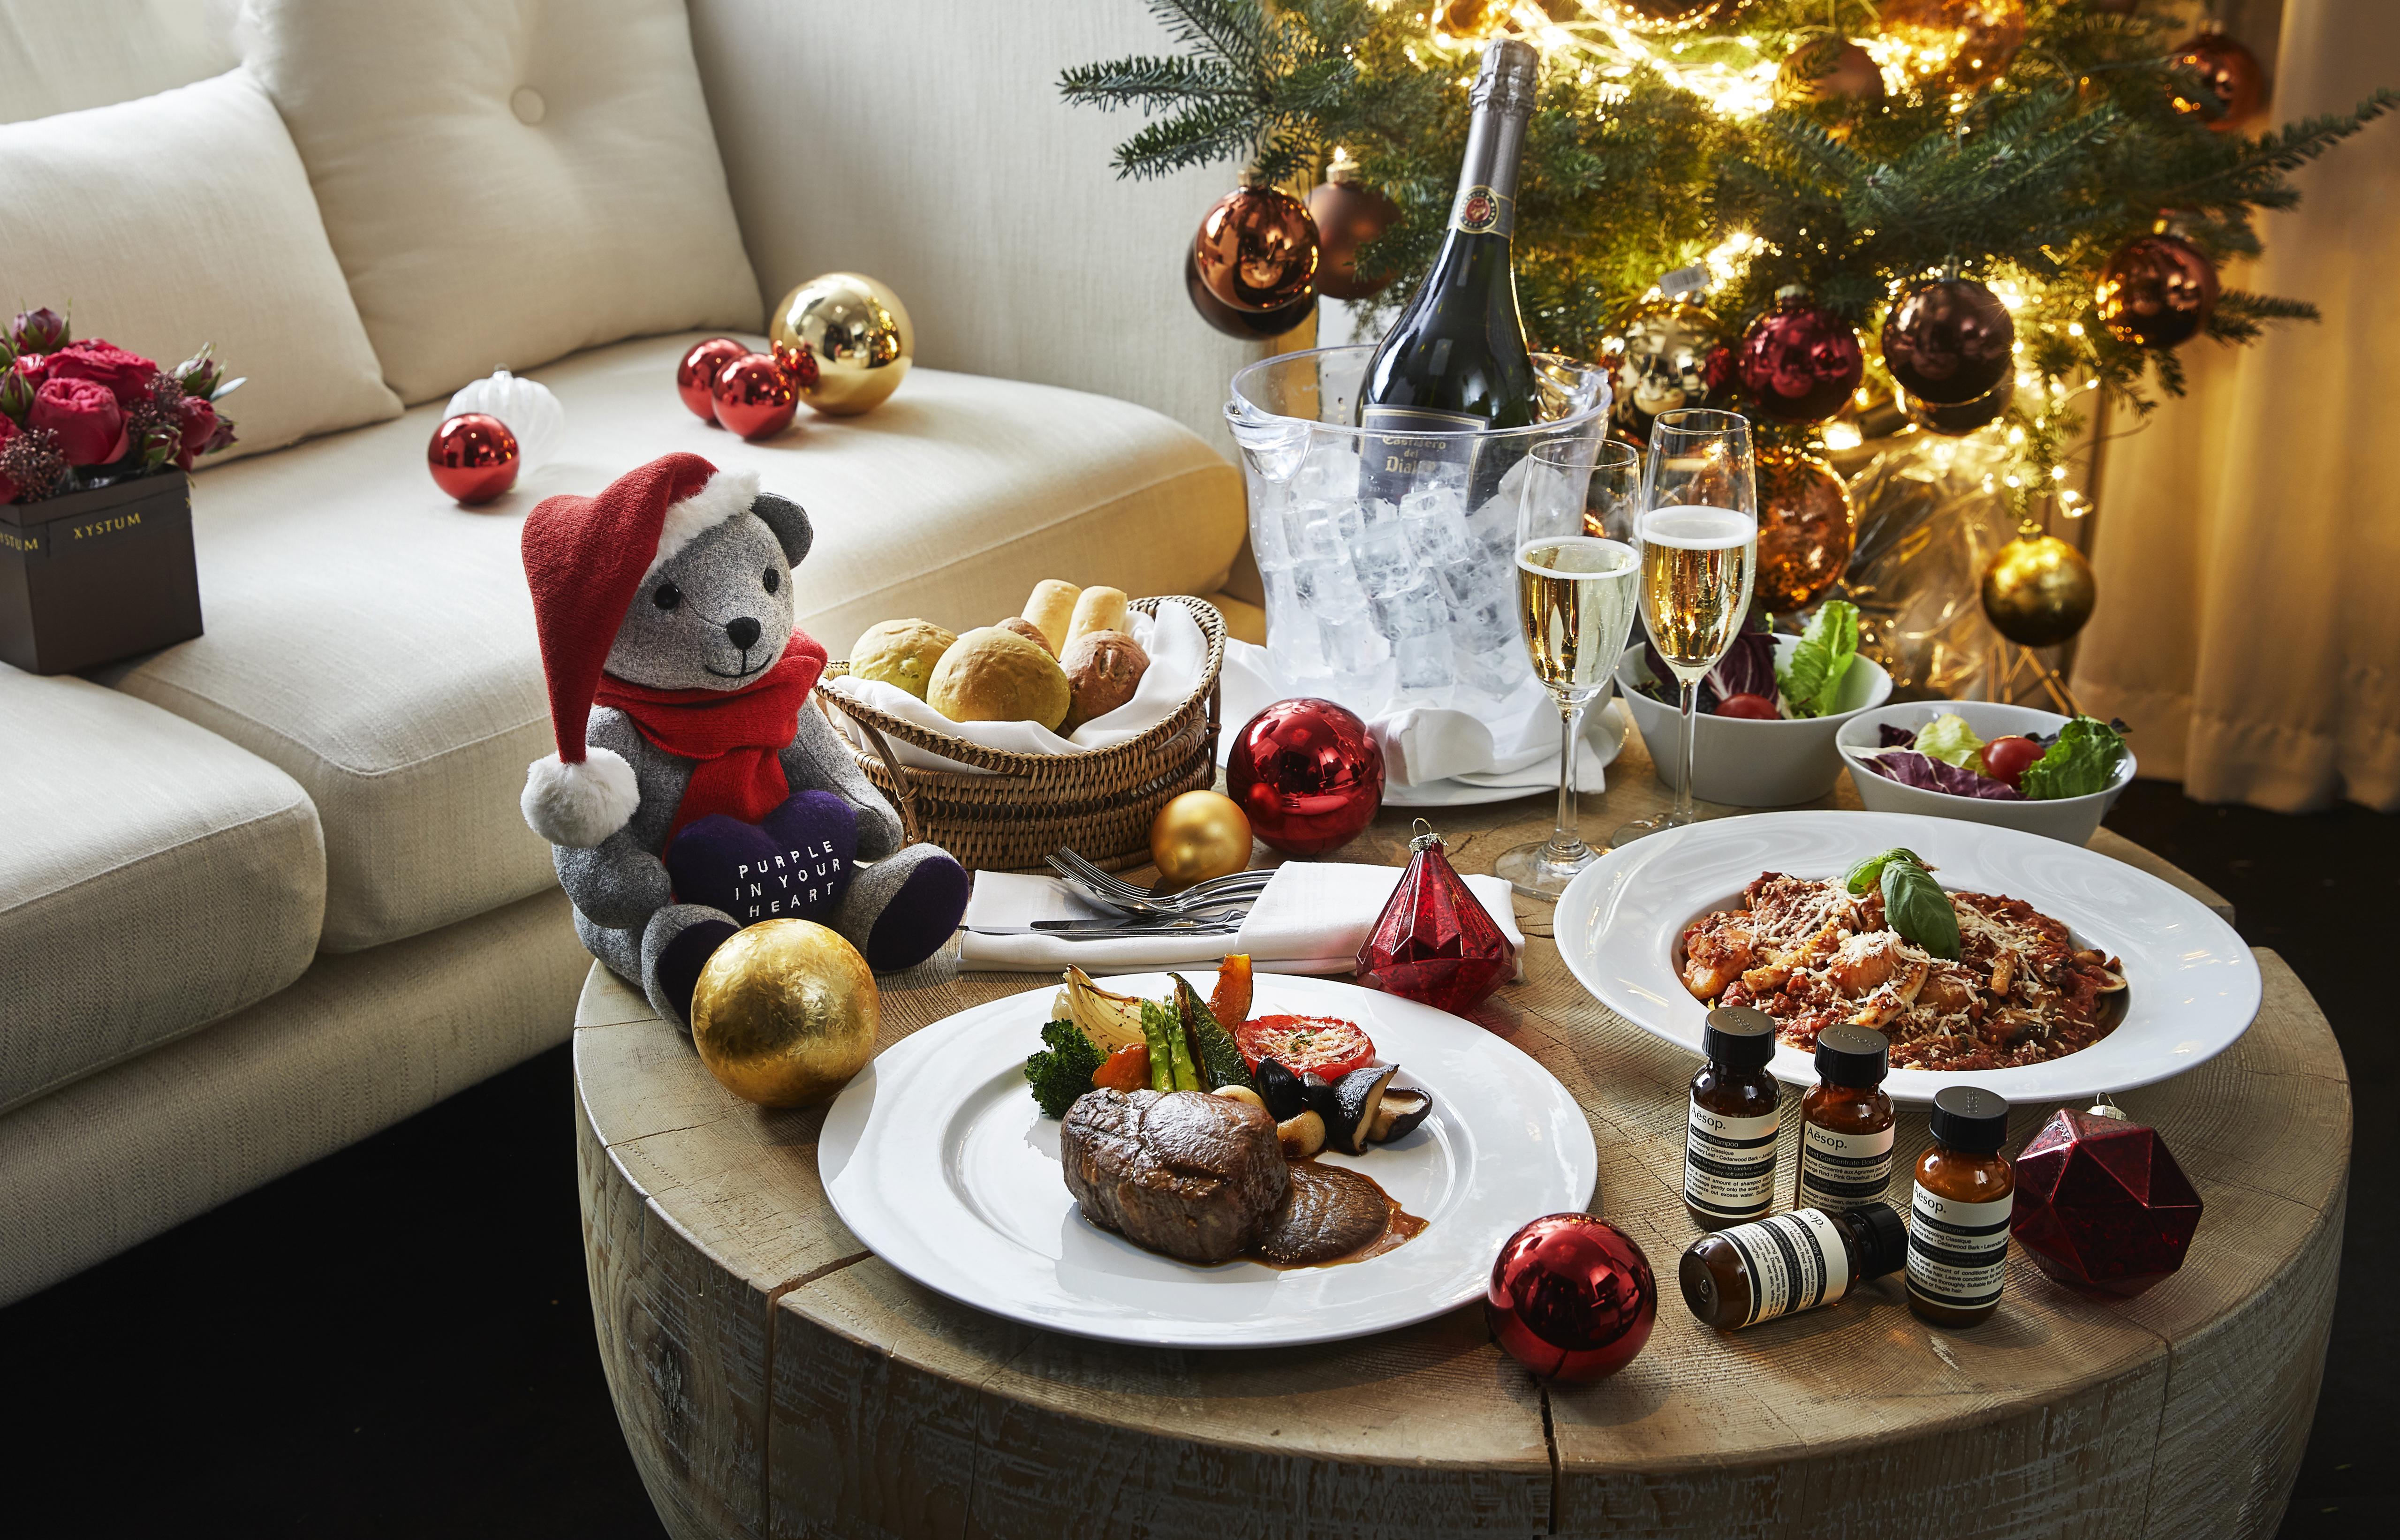 호텔 스파와 함께 누릴 수 있는 완벽한 힐링 크리스마스.